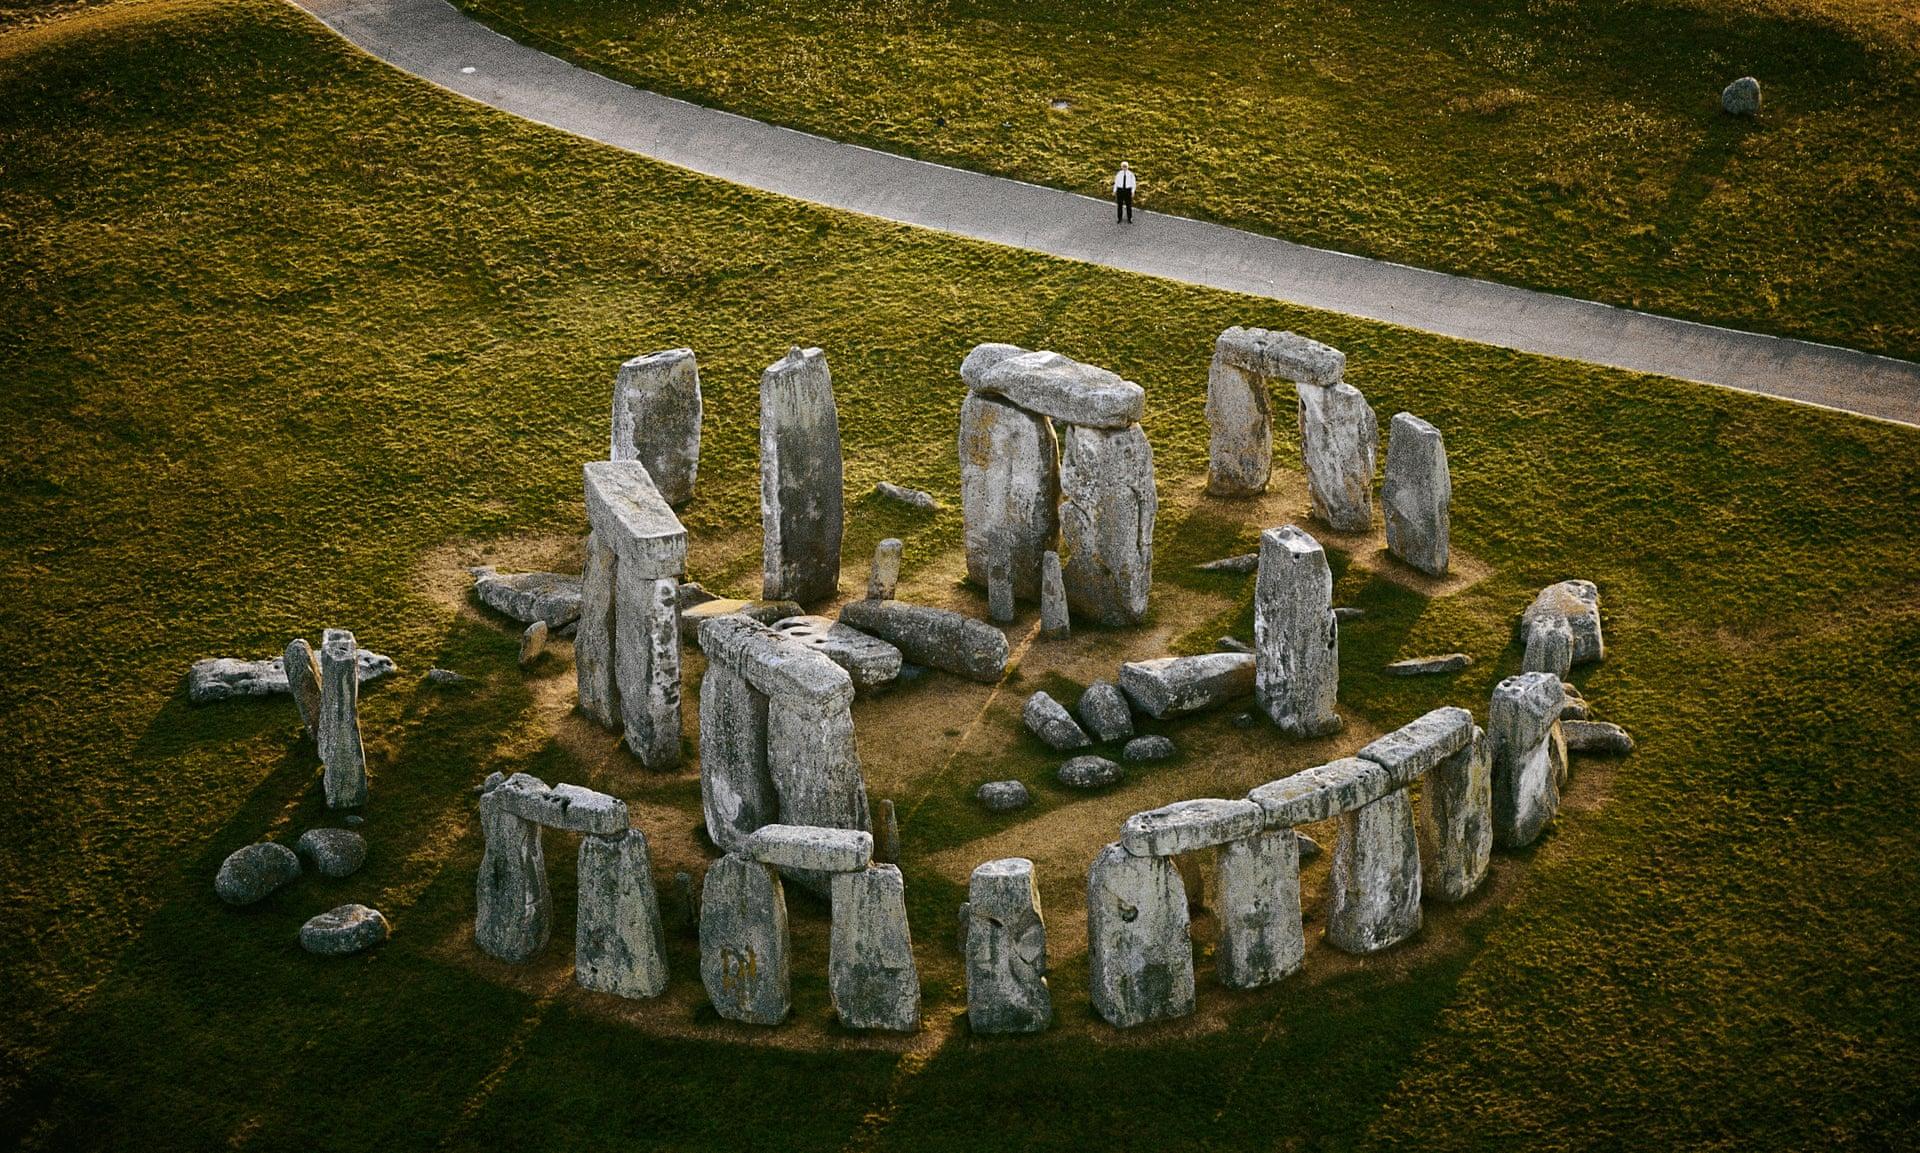 Стоунхендж, около Солсбери и Эймсбери, Уилтшир, Англия. Фото: Ян Артус-Бертран / Getty Images